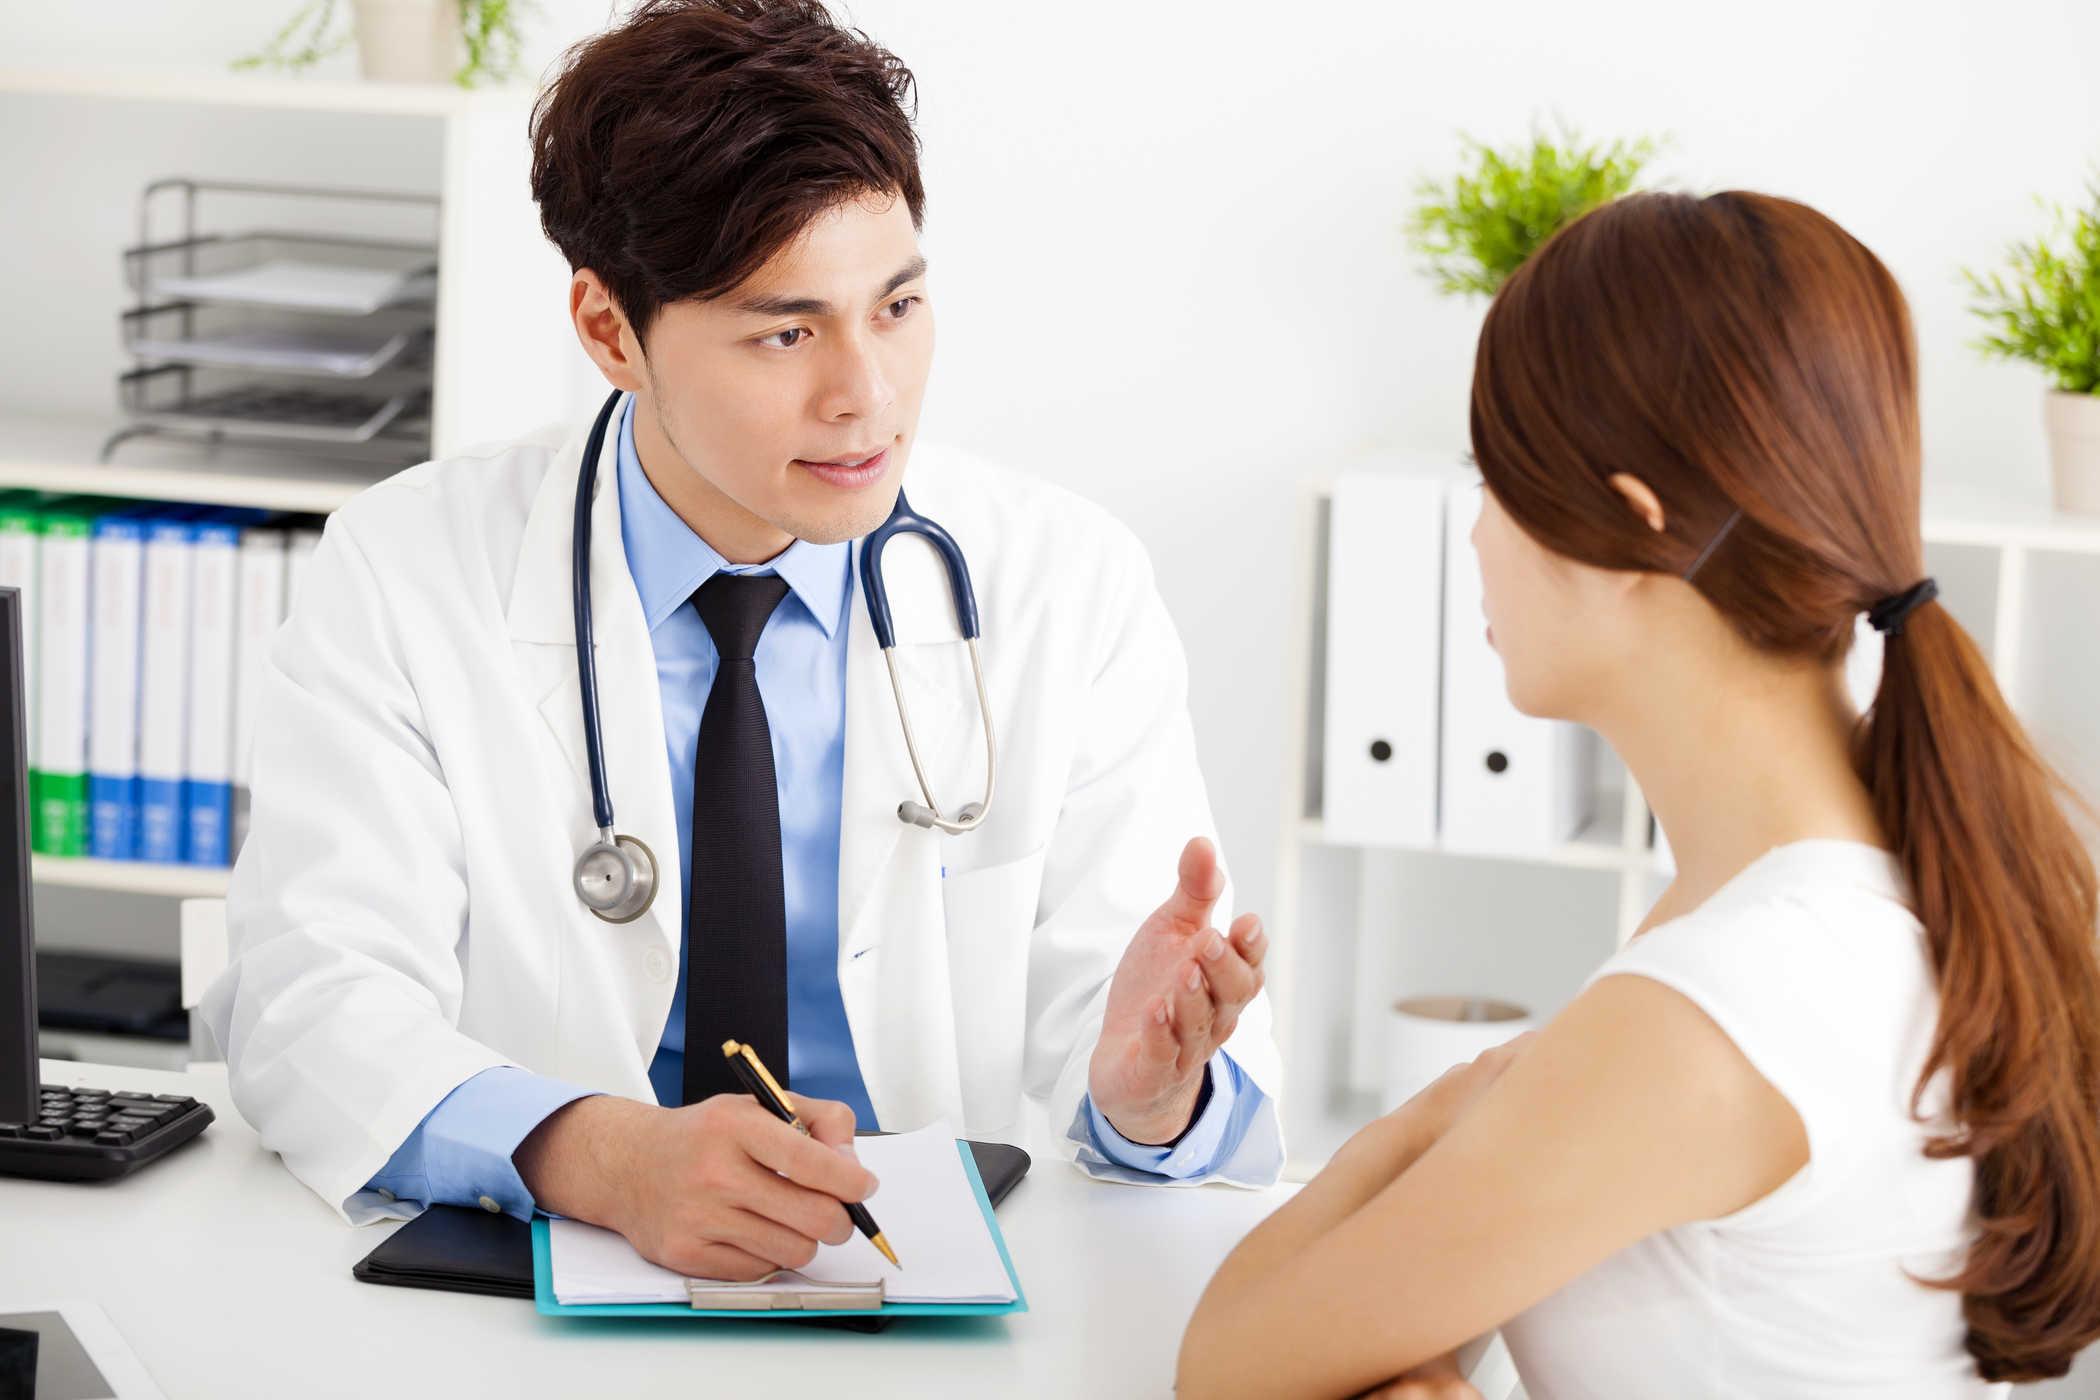 Ung thư da có chữa được không là mối quan tâm của bệnh nhân và người nhà